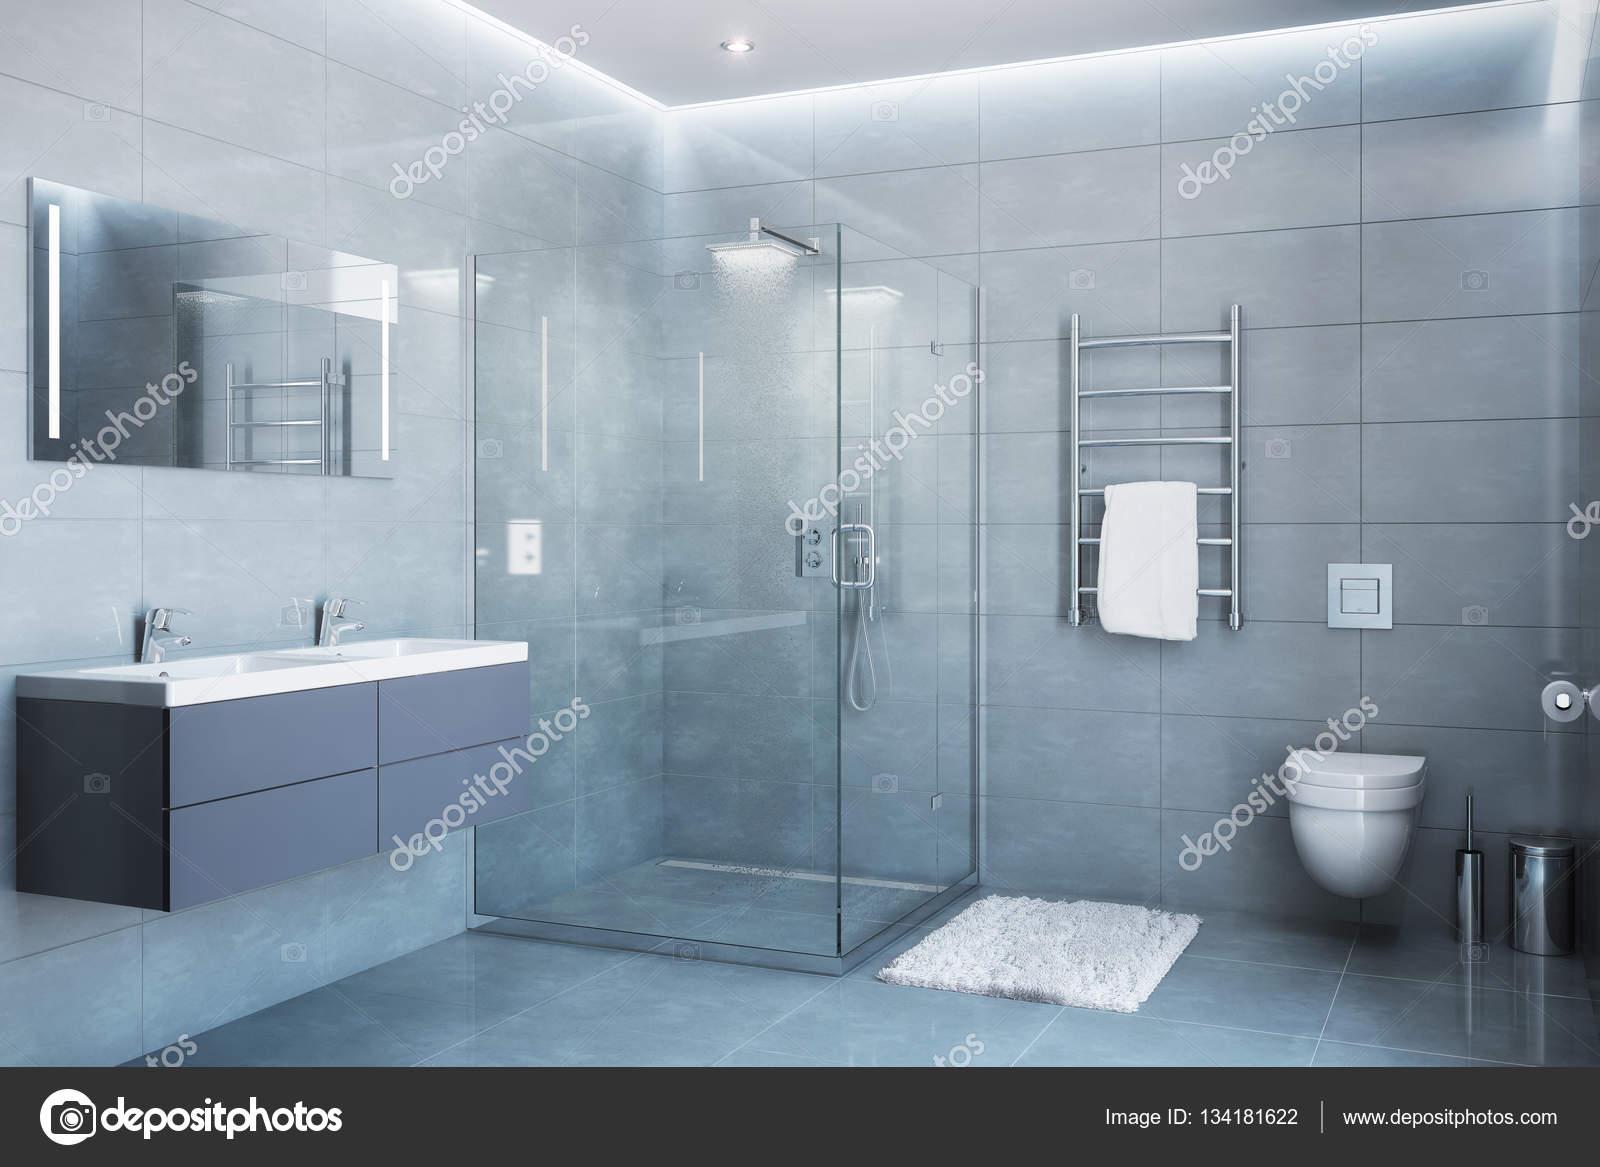 Bagno con doccia moderno grigio alla luce del giorno - Bagno moderno grigio ...